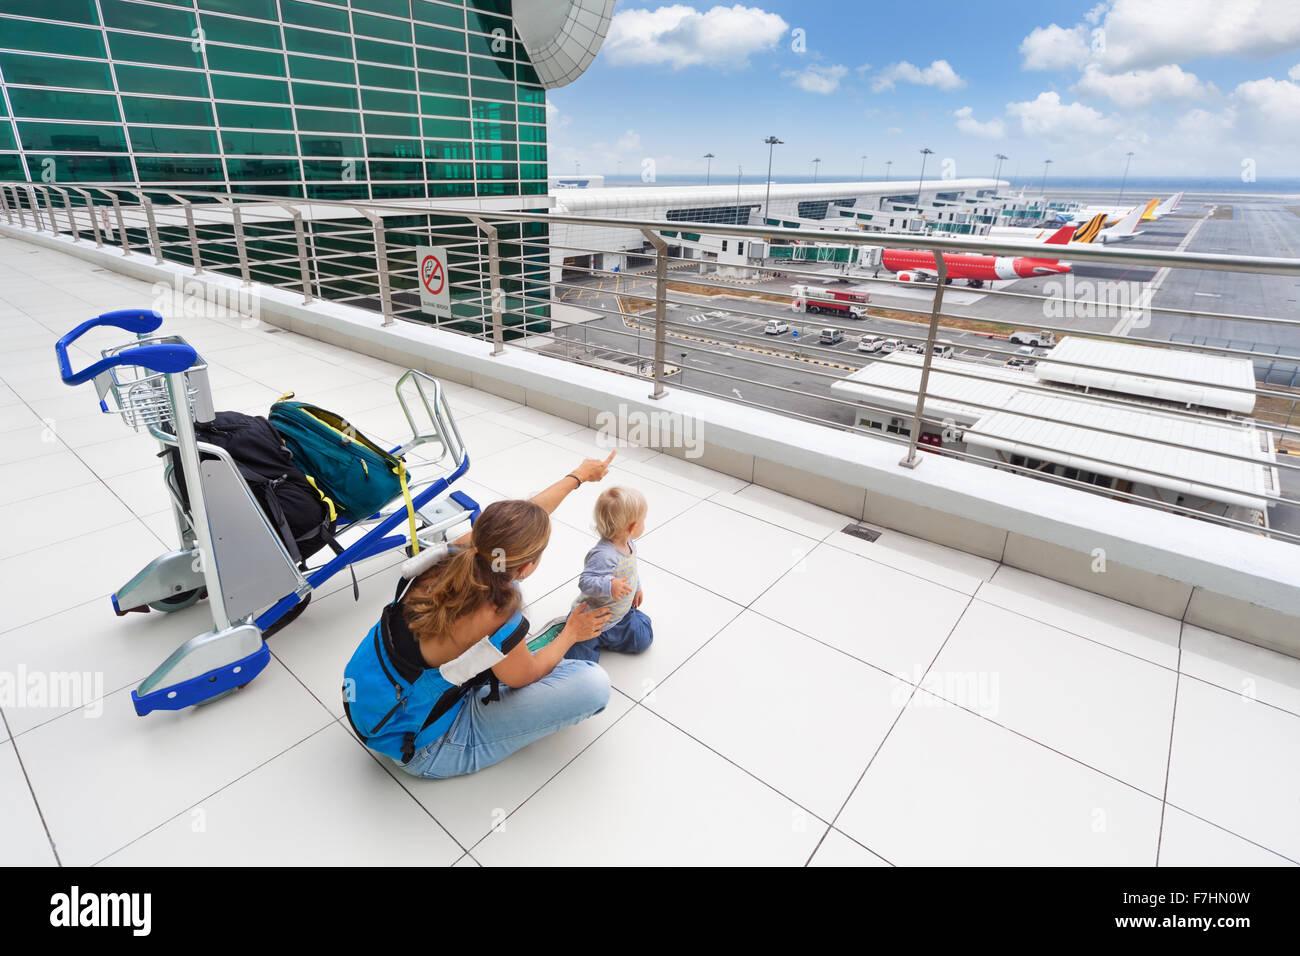 Junge Mutter und Baby Boy warten auf boarding, Flug im Flughafen-Transit-Halle und Blick auf Flugzeug in der Nähe Stockbild